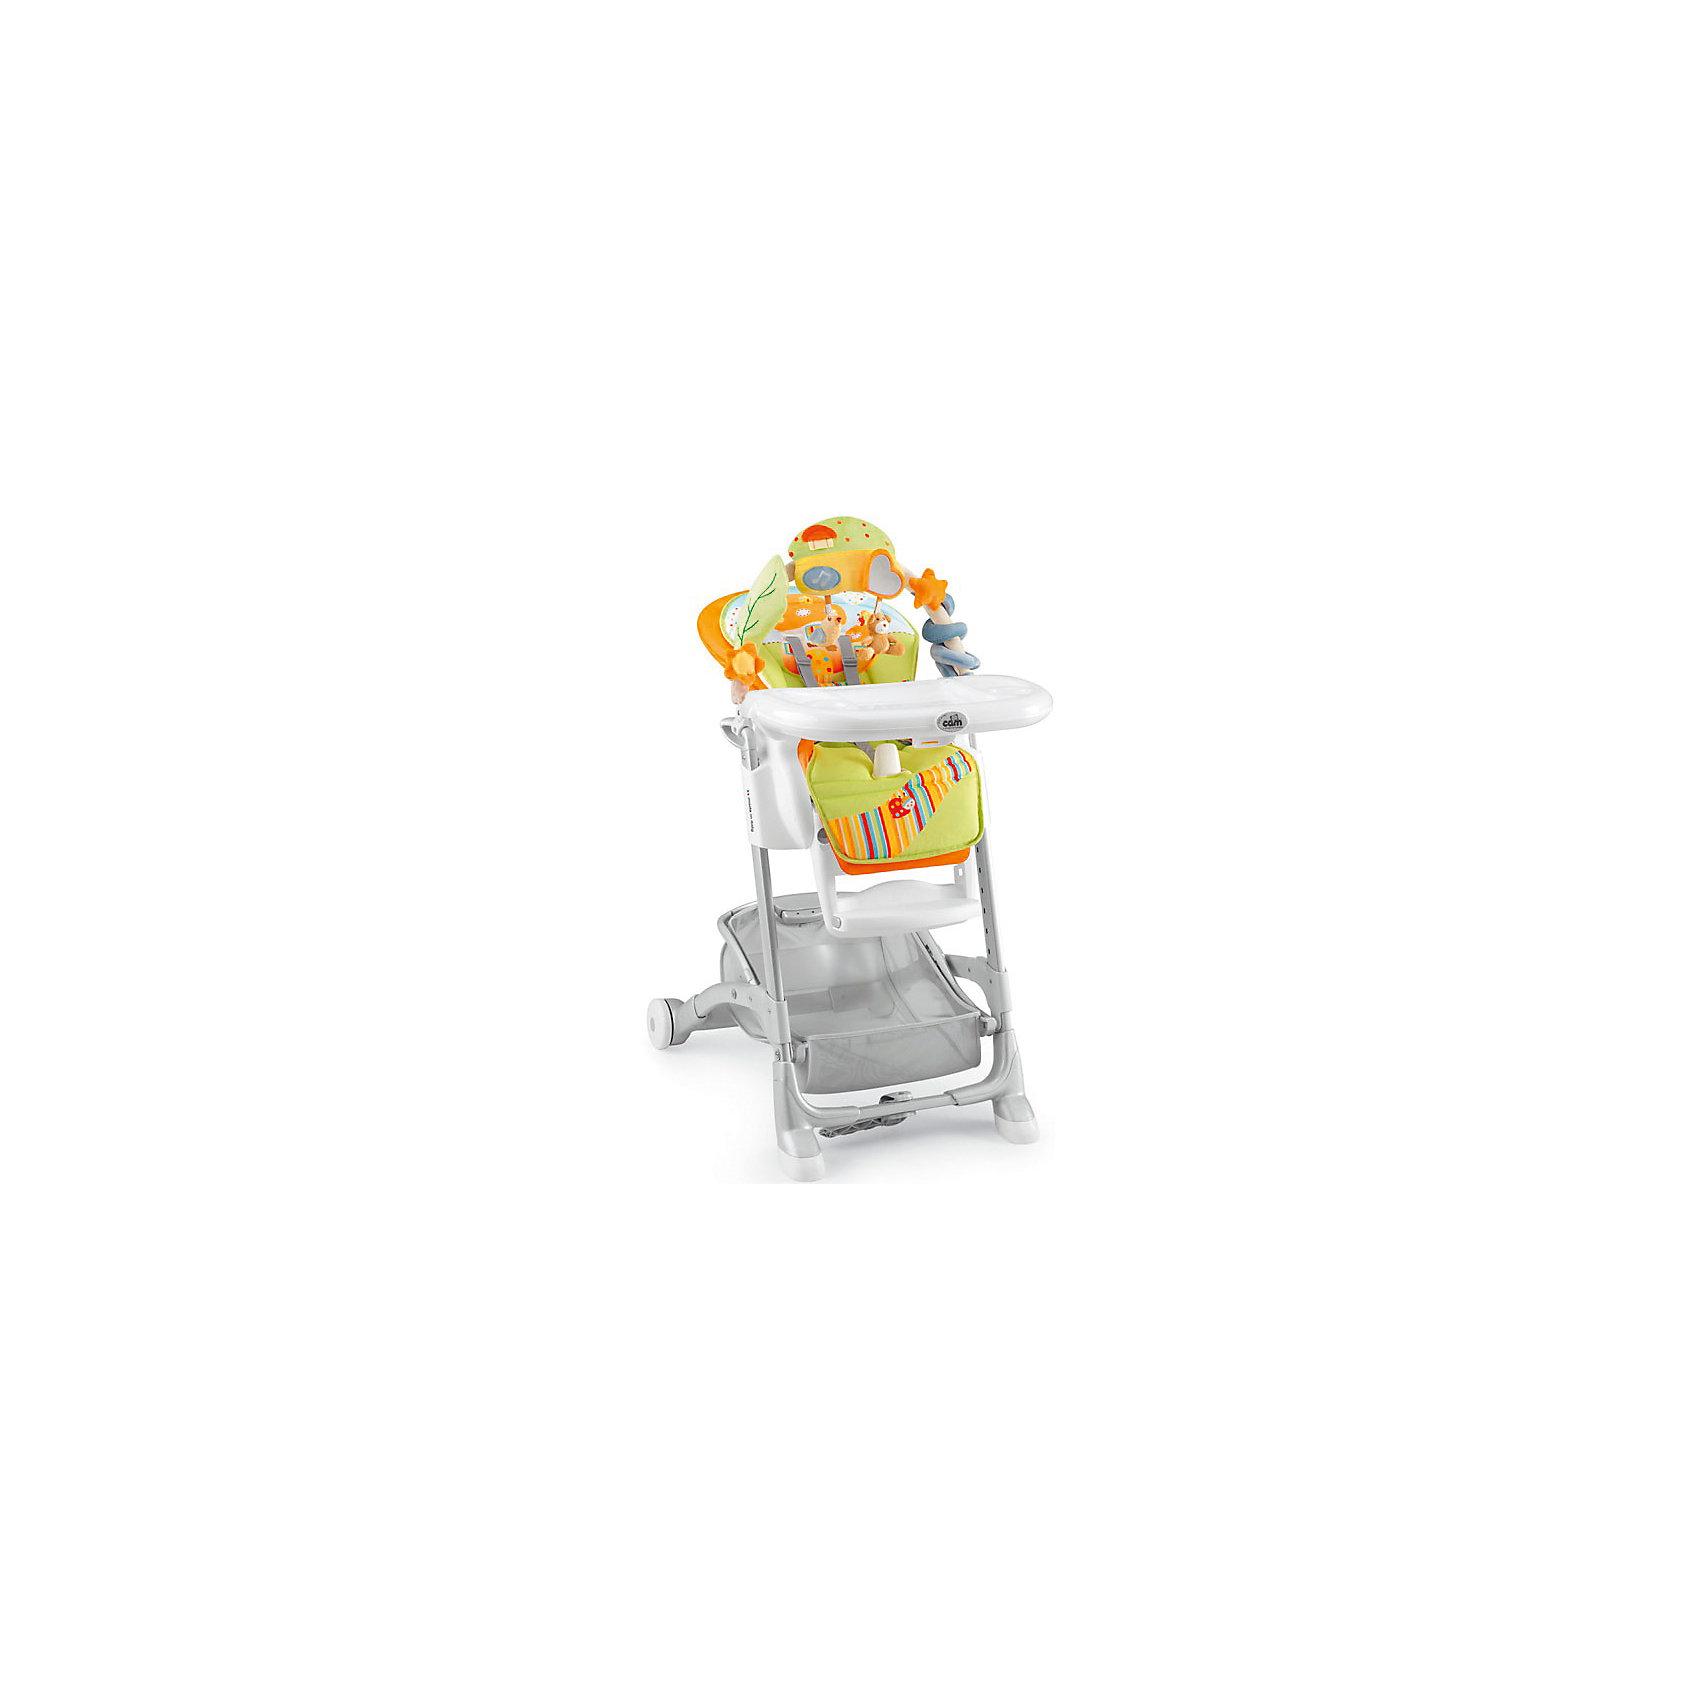 Стульчик для кормления Istante, CAM, оранжевый гриб